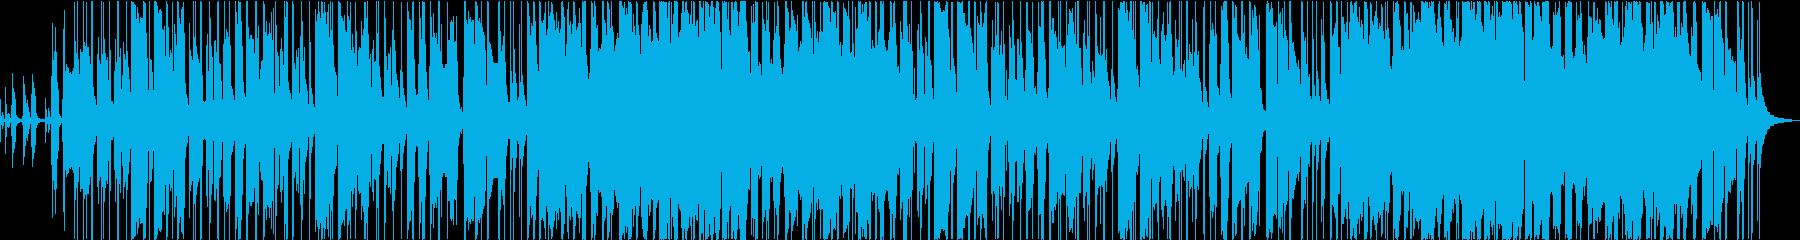 ブラスが特徴的なシティファンクBGMの再生済みの波形